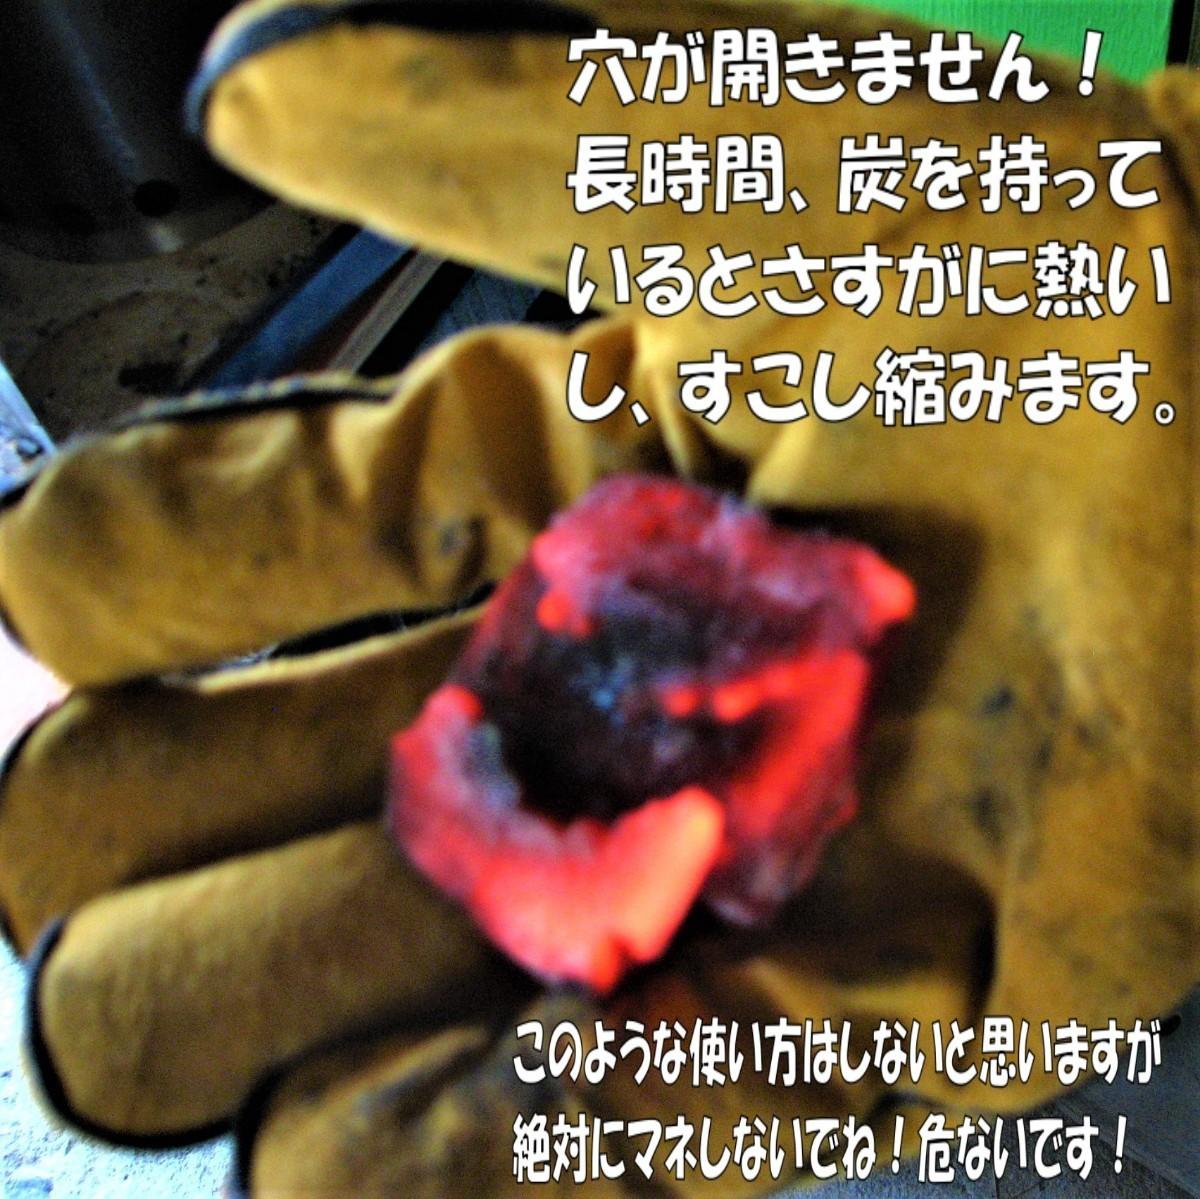 耐熱 グローブ 焚き火 手袋 薪ストーブ キャンプ アウトドア BBQ 牛革